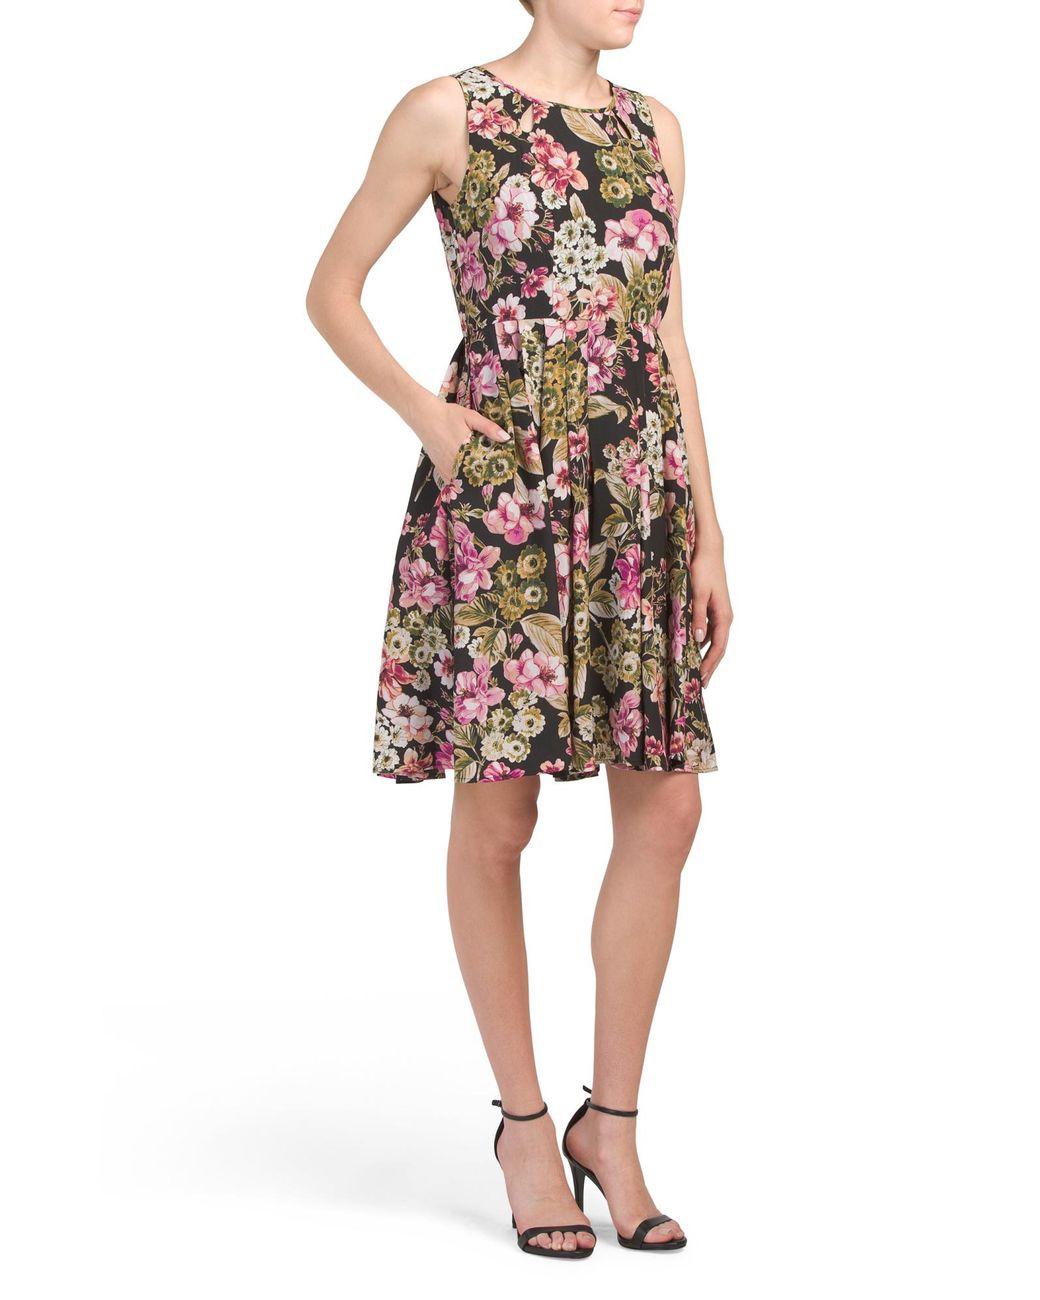 4d7bfa9a5afea Tj Maxx Floral Pleated Midi Dress in Black - Lyst